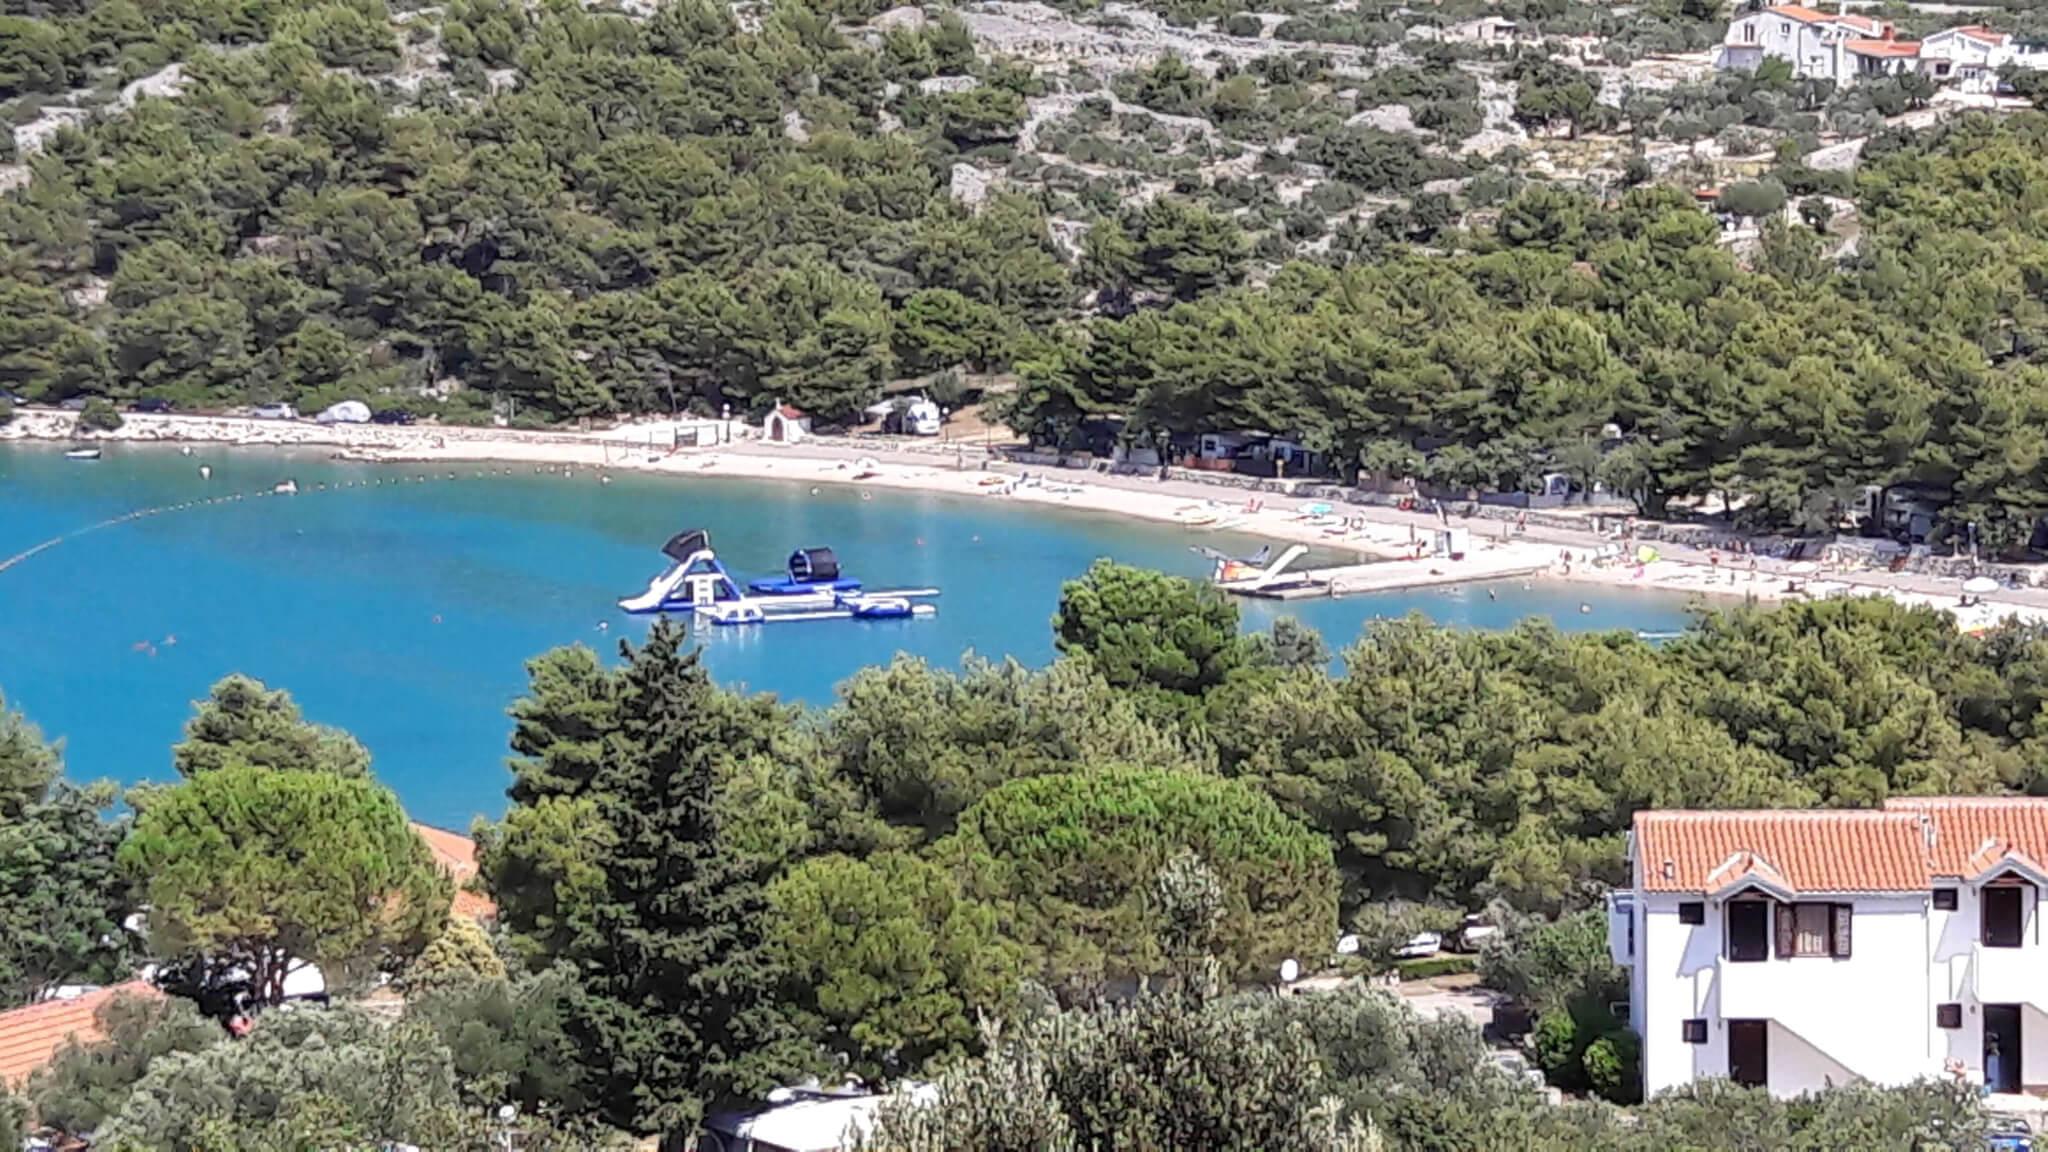 Bootsführerschein in Kroatien absolvieren und wunderbare Tage an der Küste erleben.